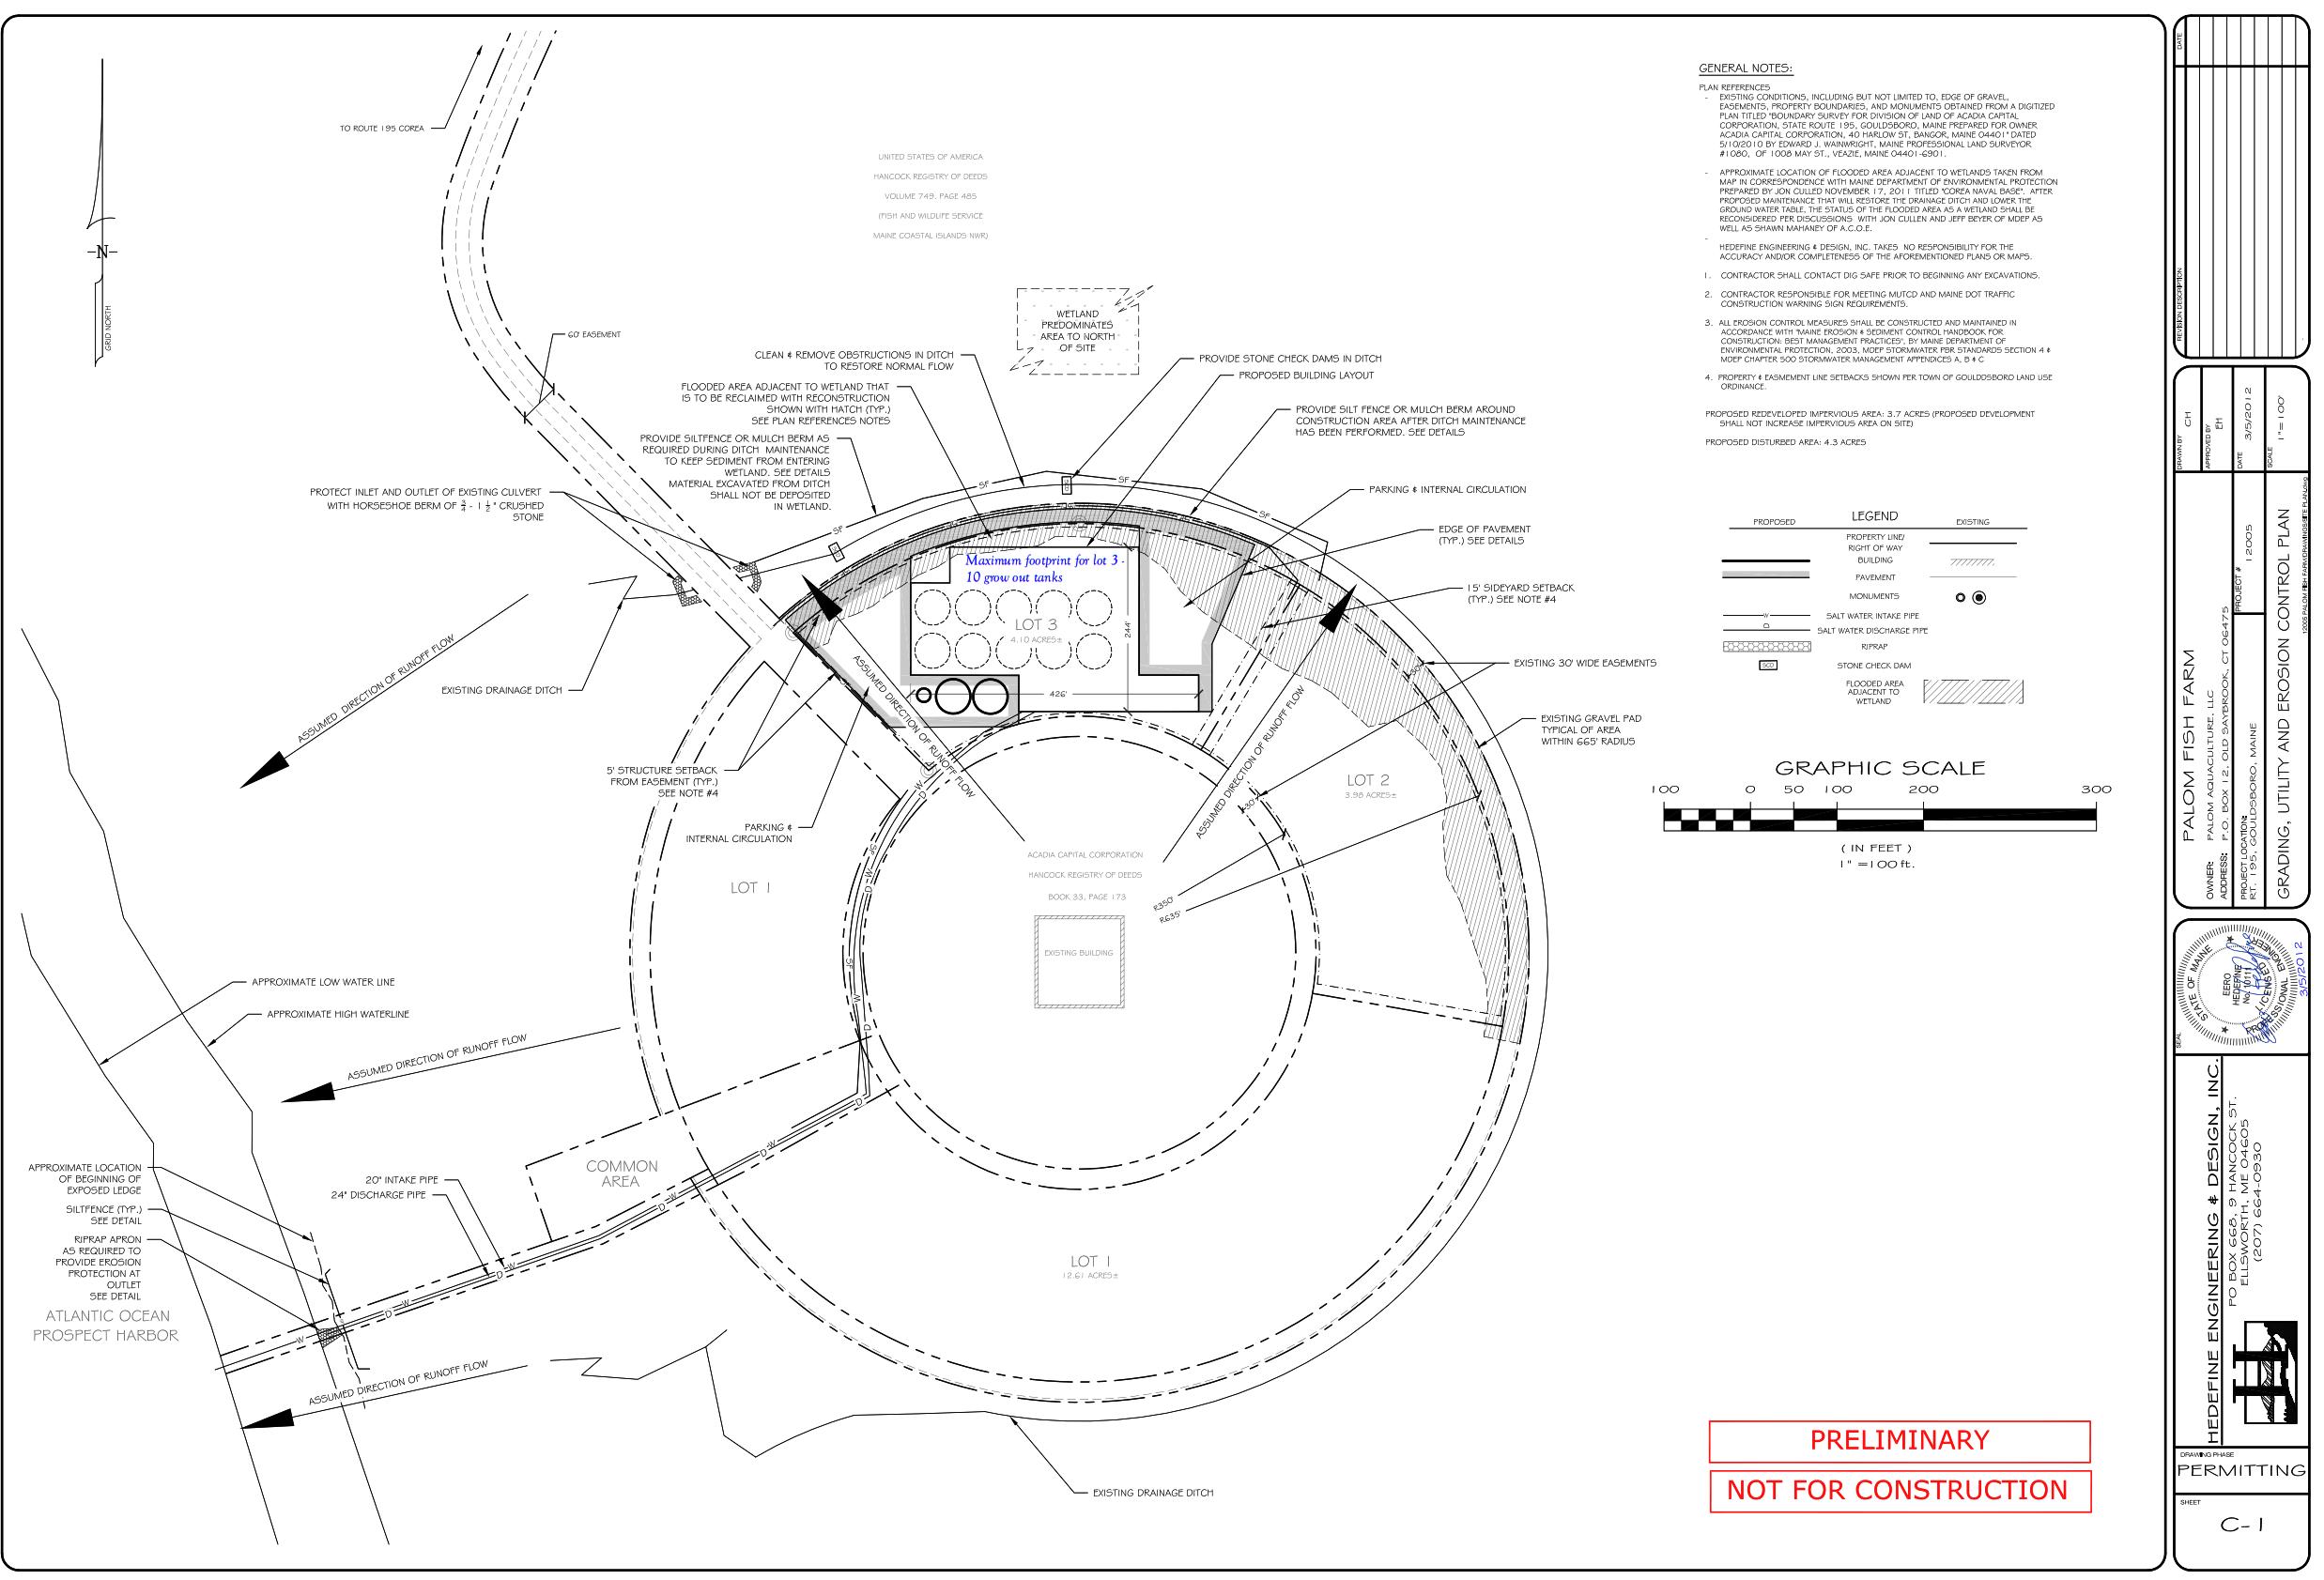 Palom Aquaculture - Phase I